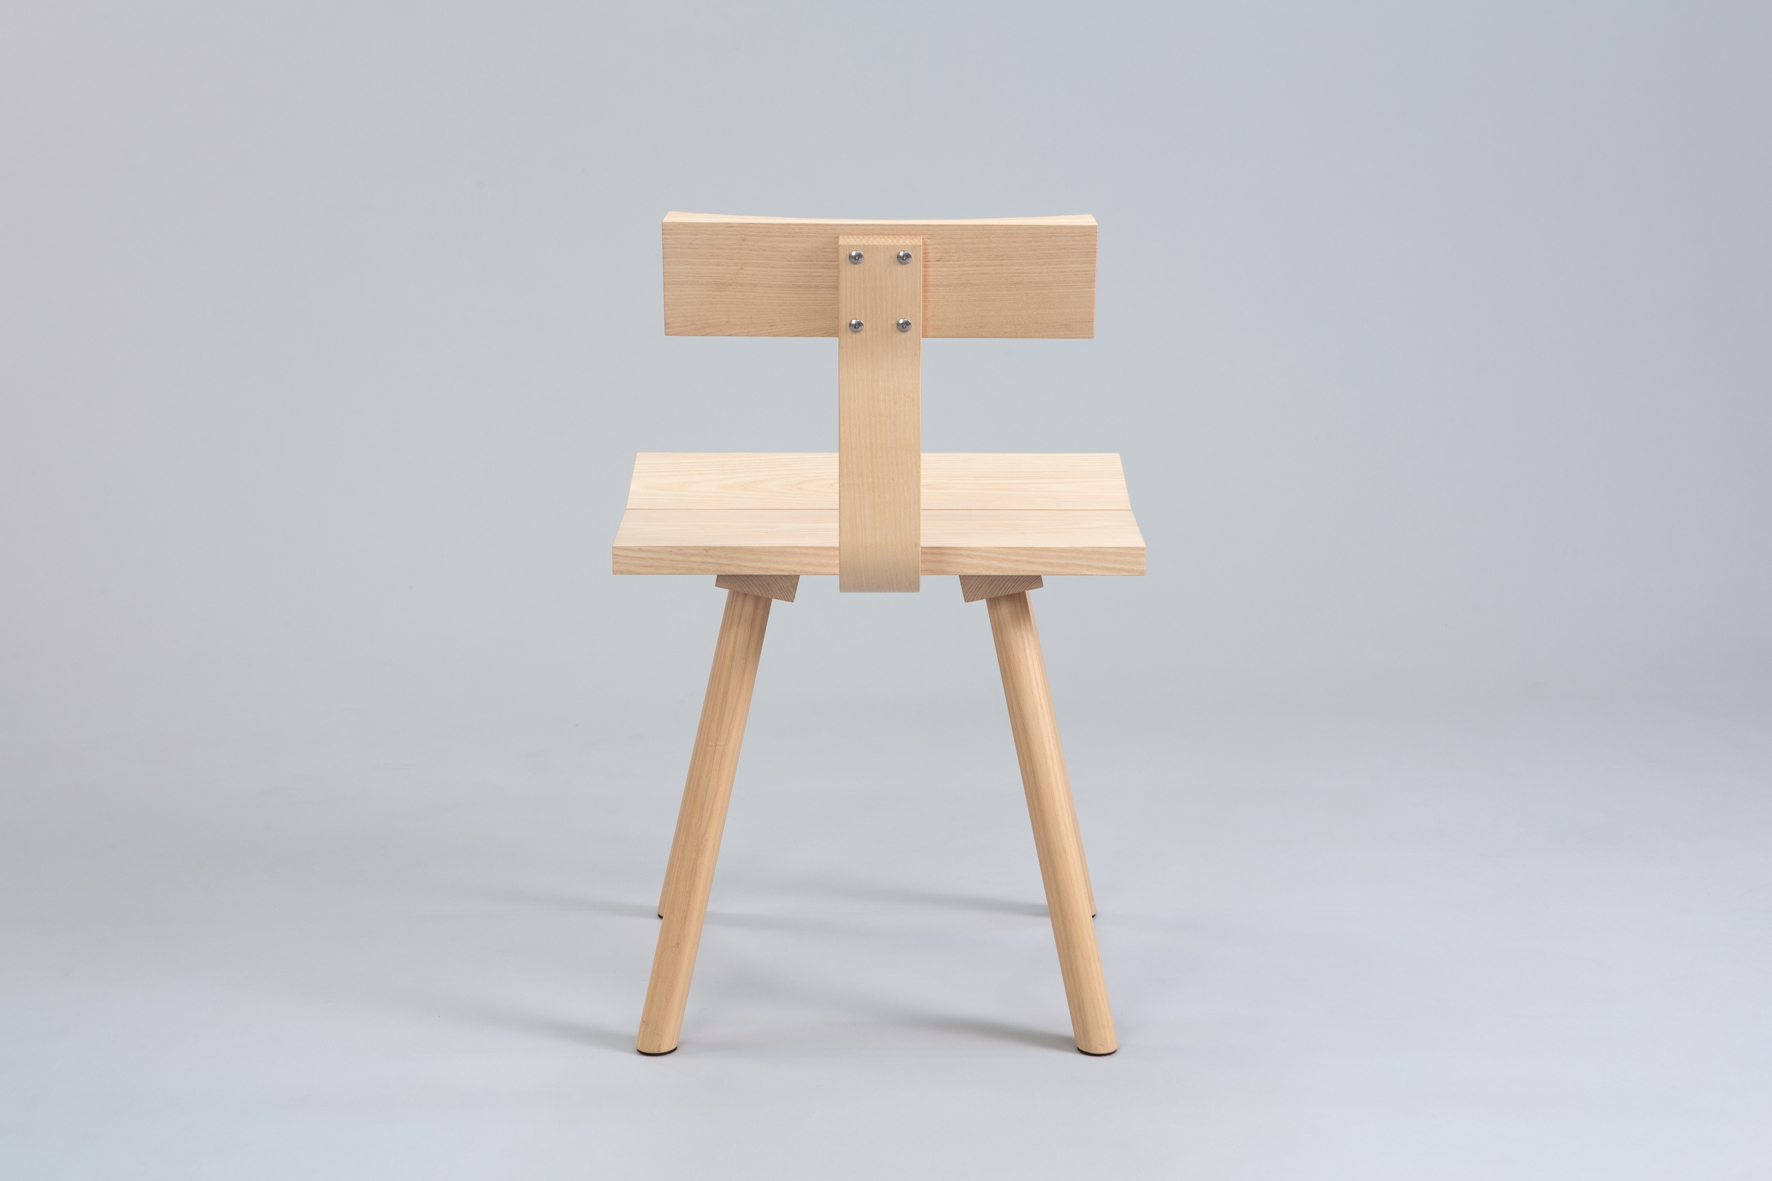 Cùram chair 4 small.jpg